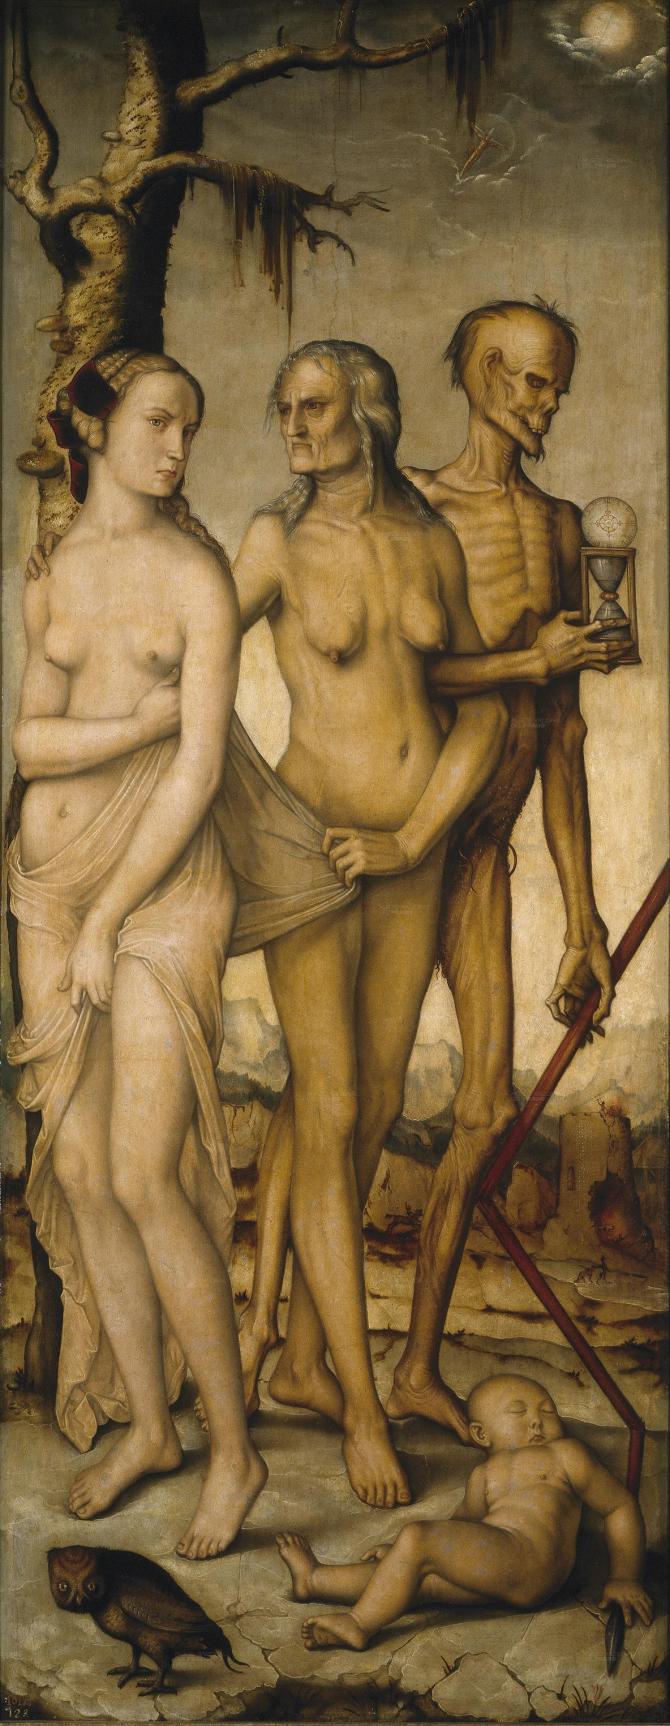 Века и смерть (Бальдунг Гриен, Ганс)